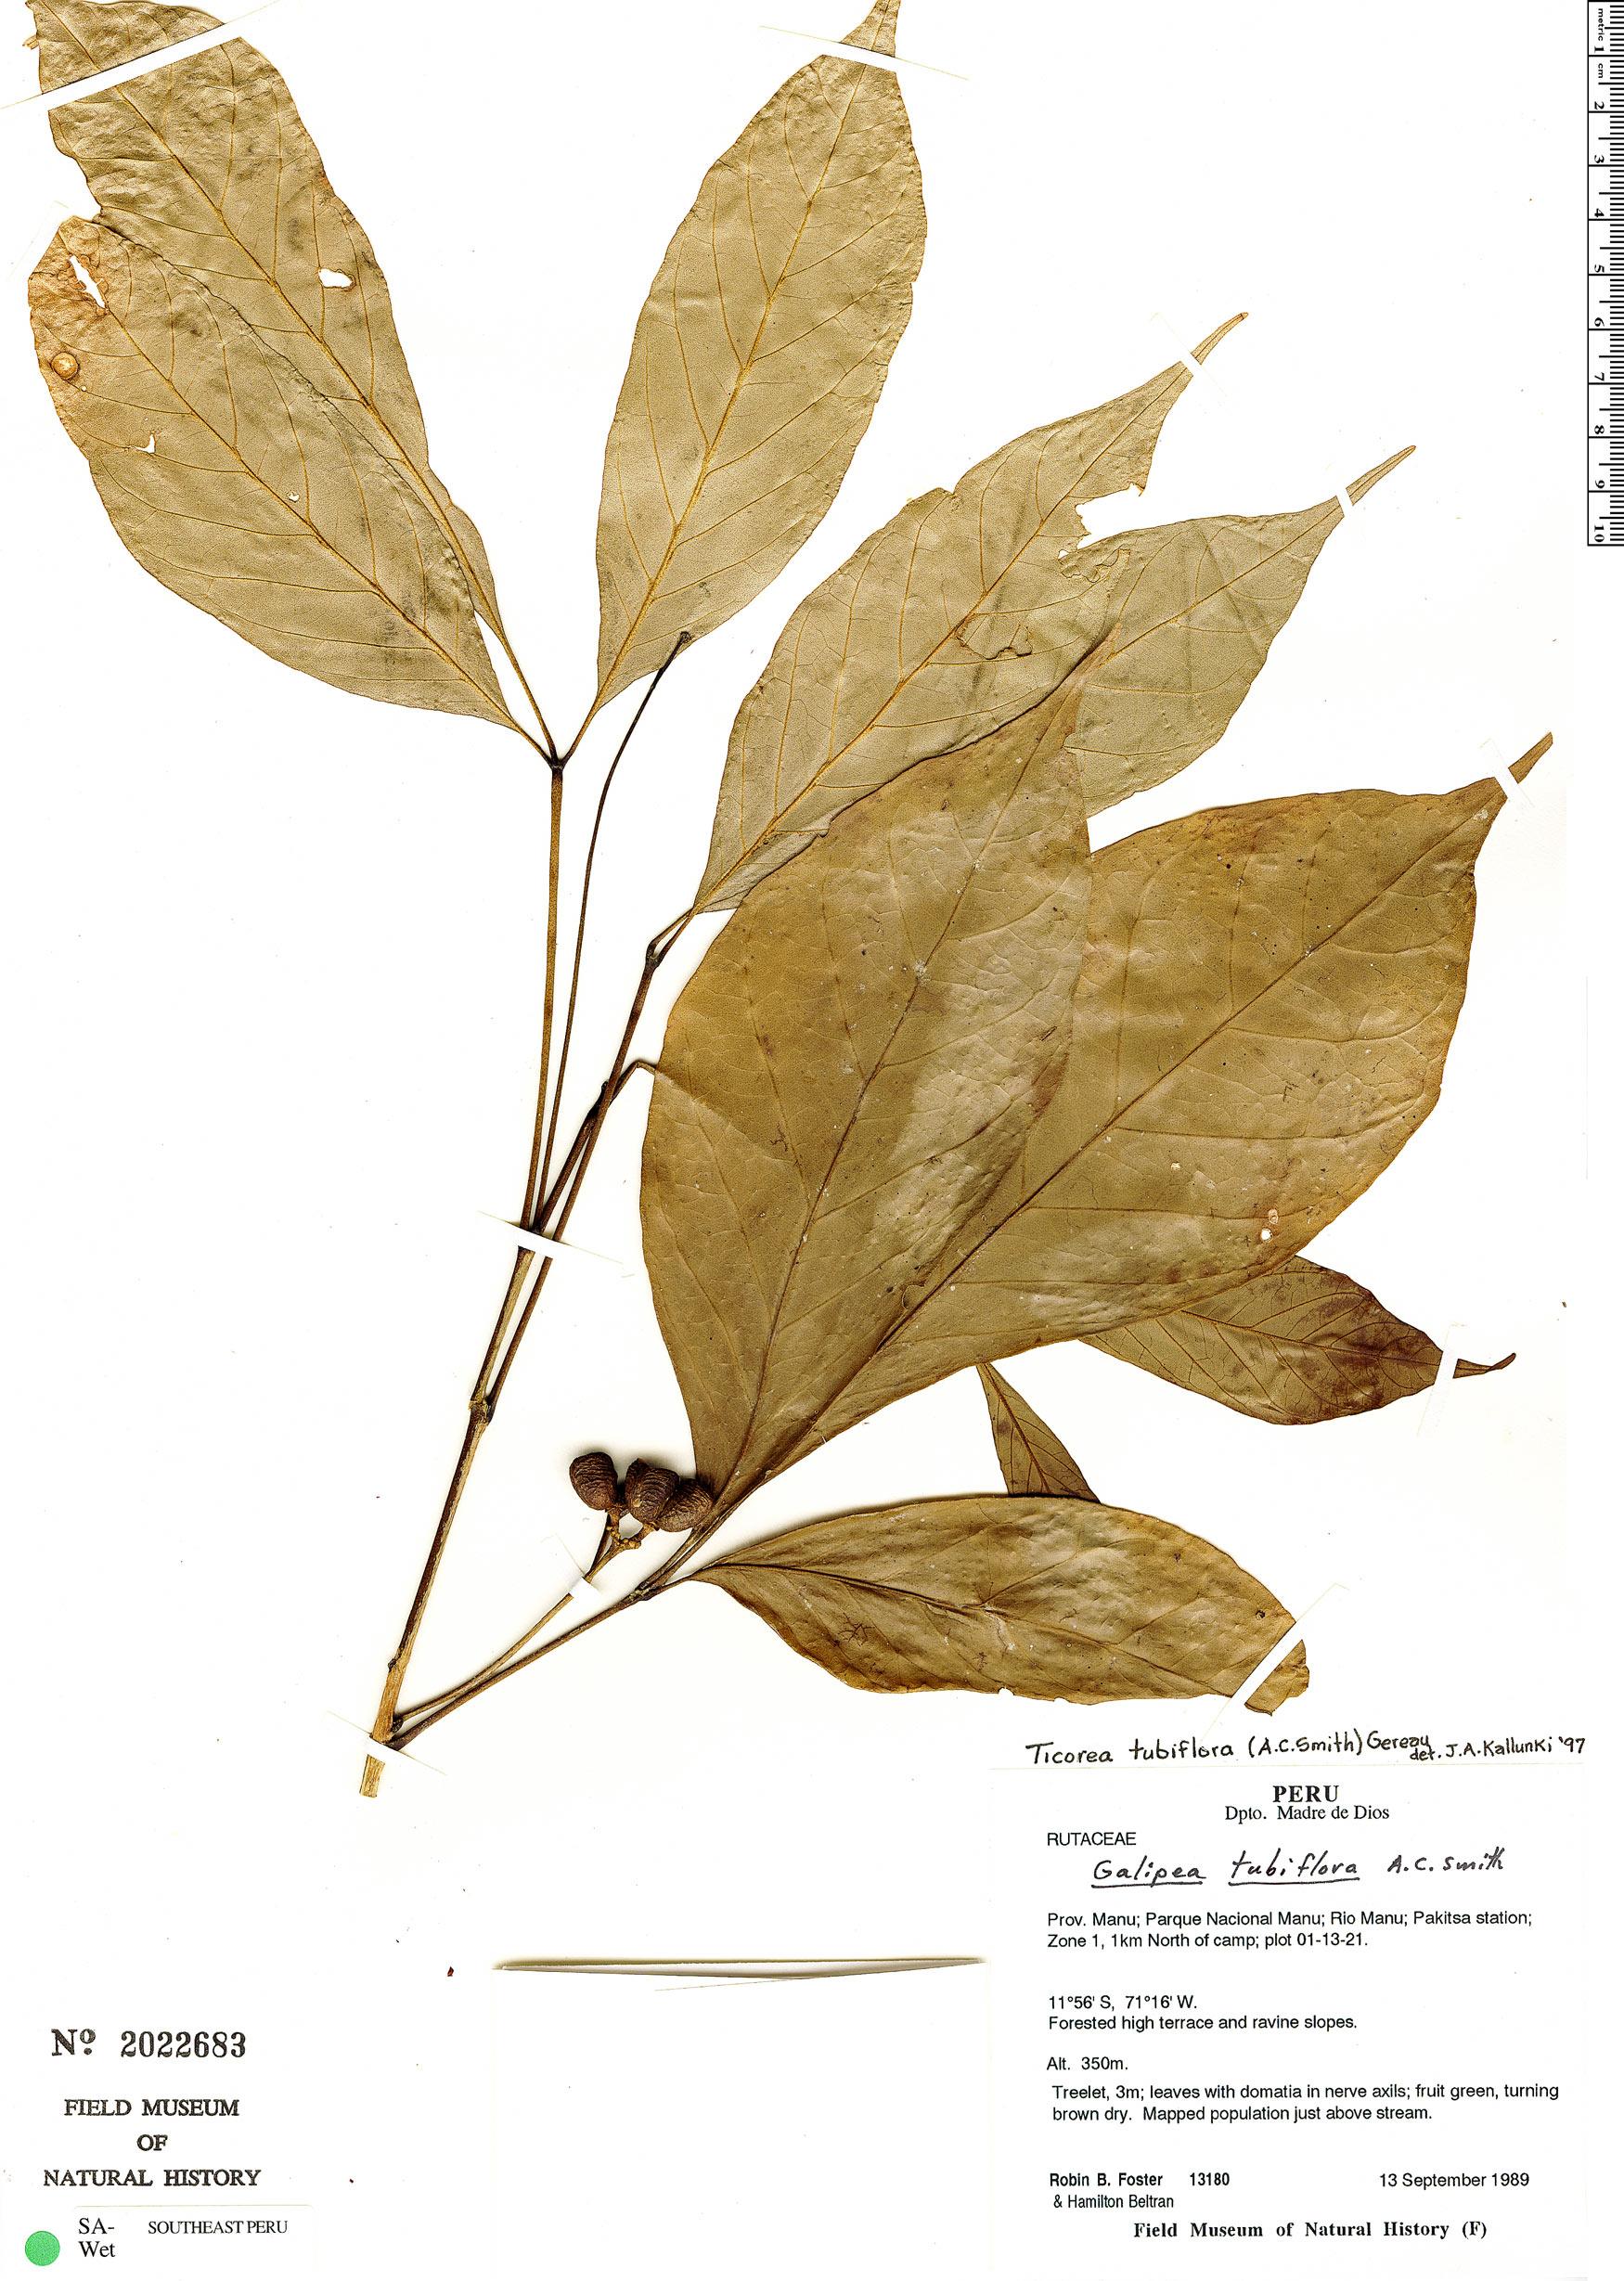 Specimen: Ticorea tubiflora